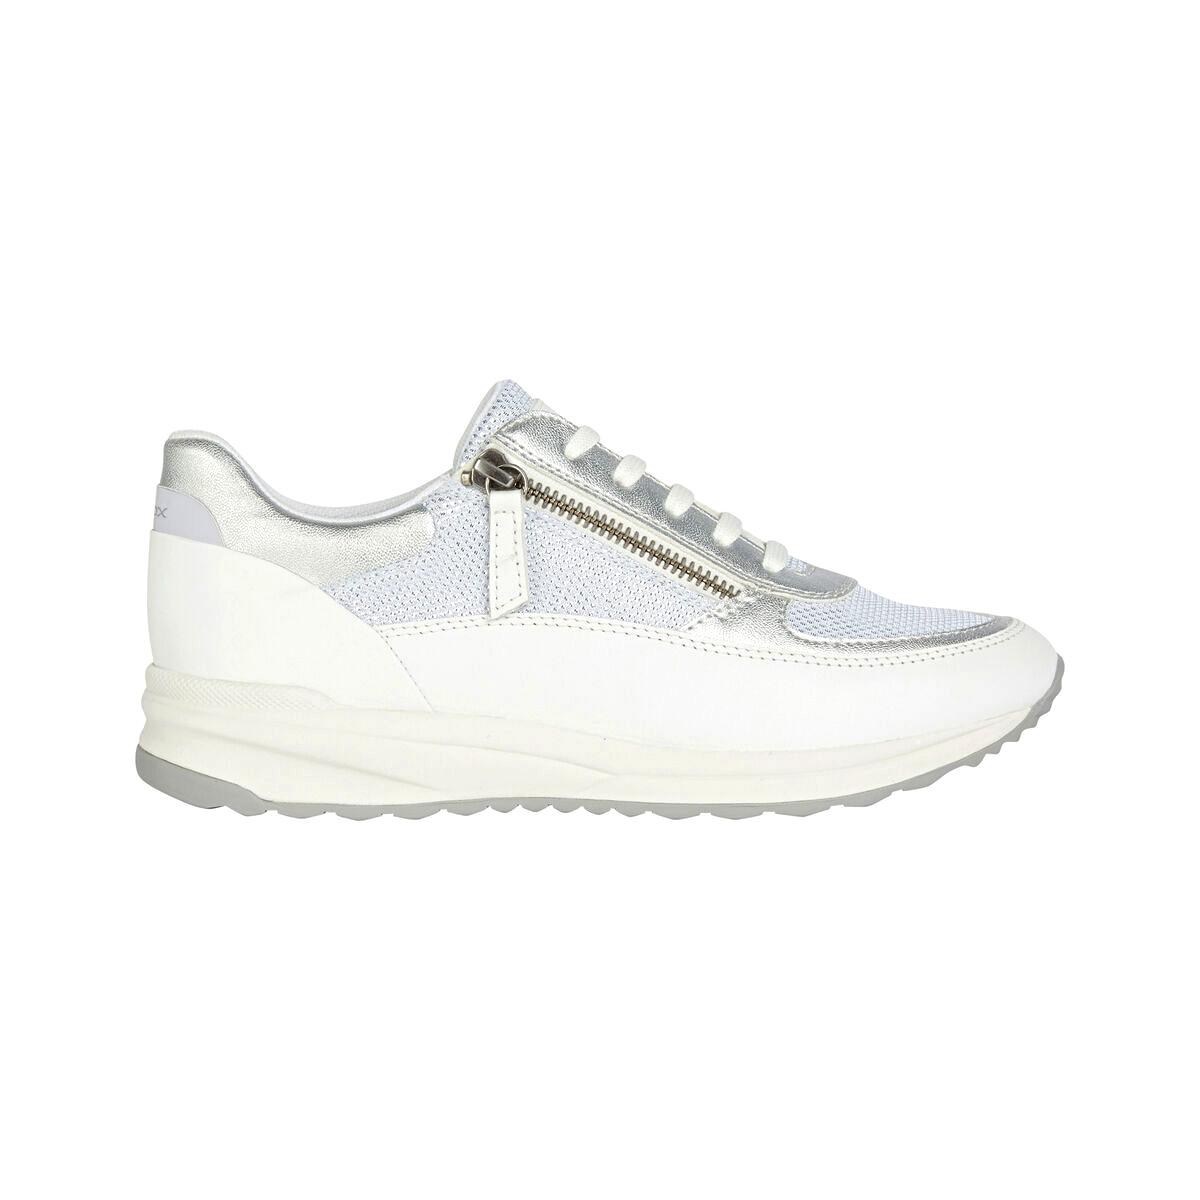 D Airell sneaker